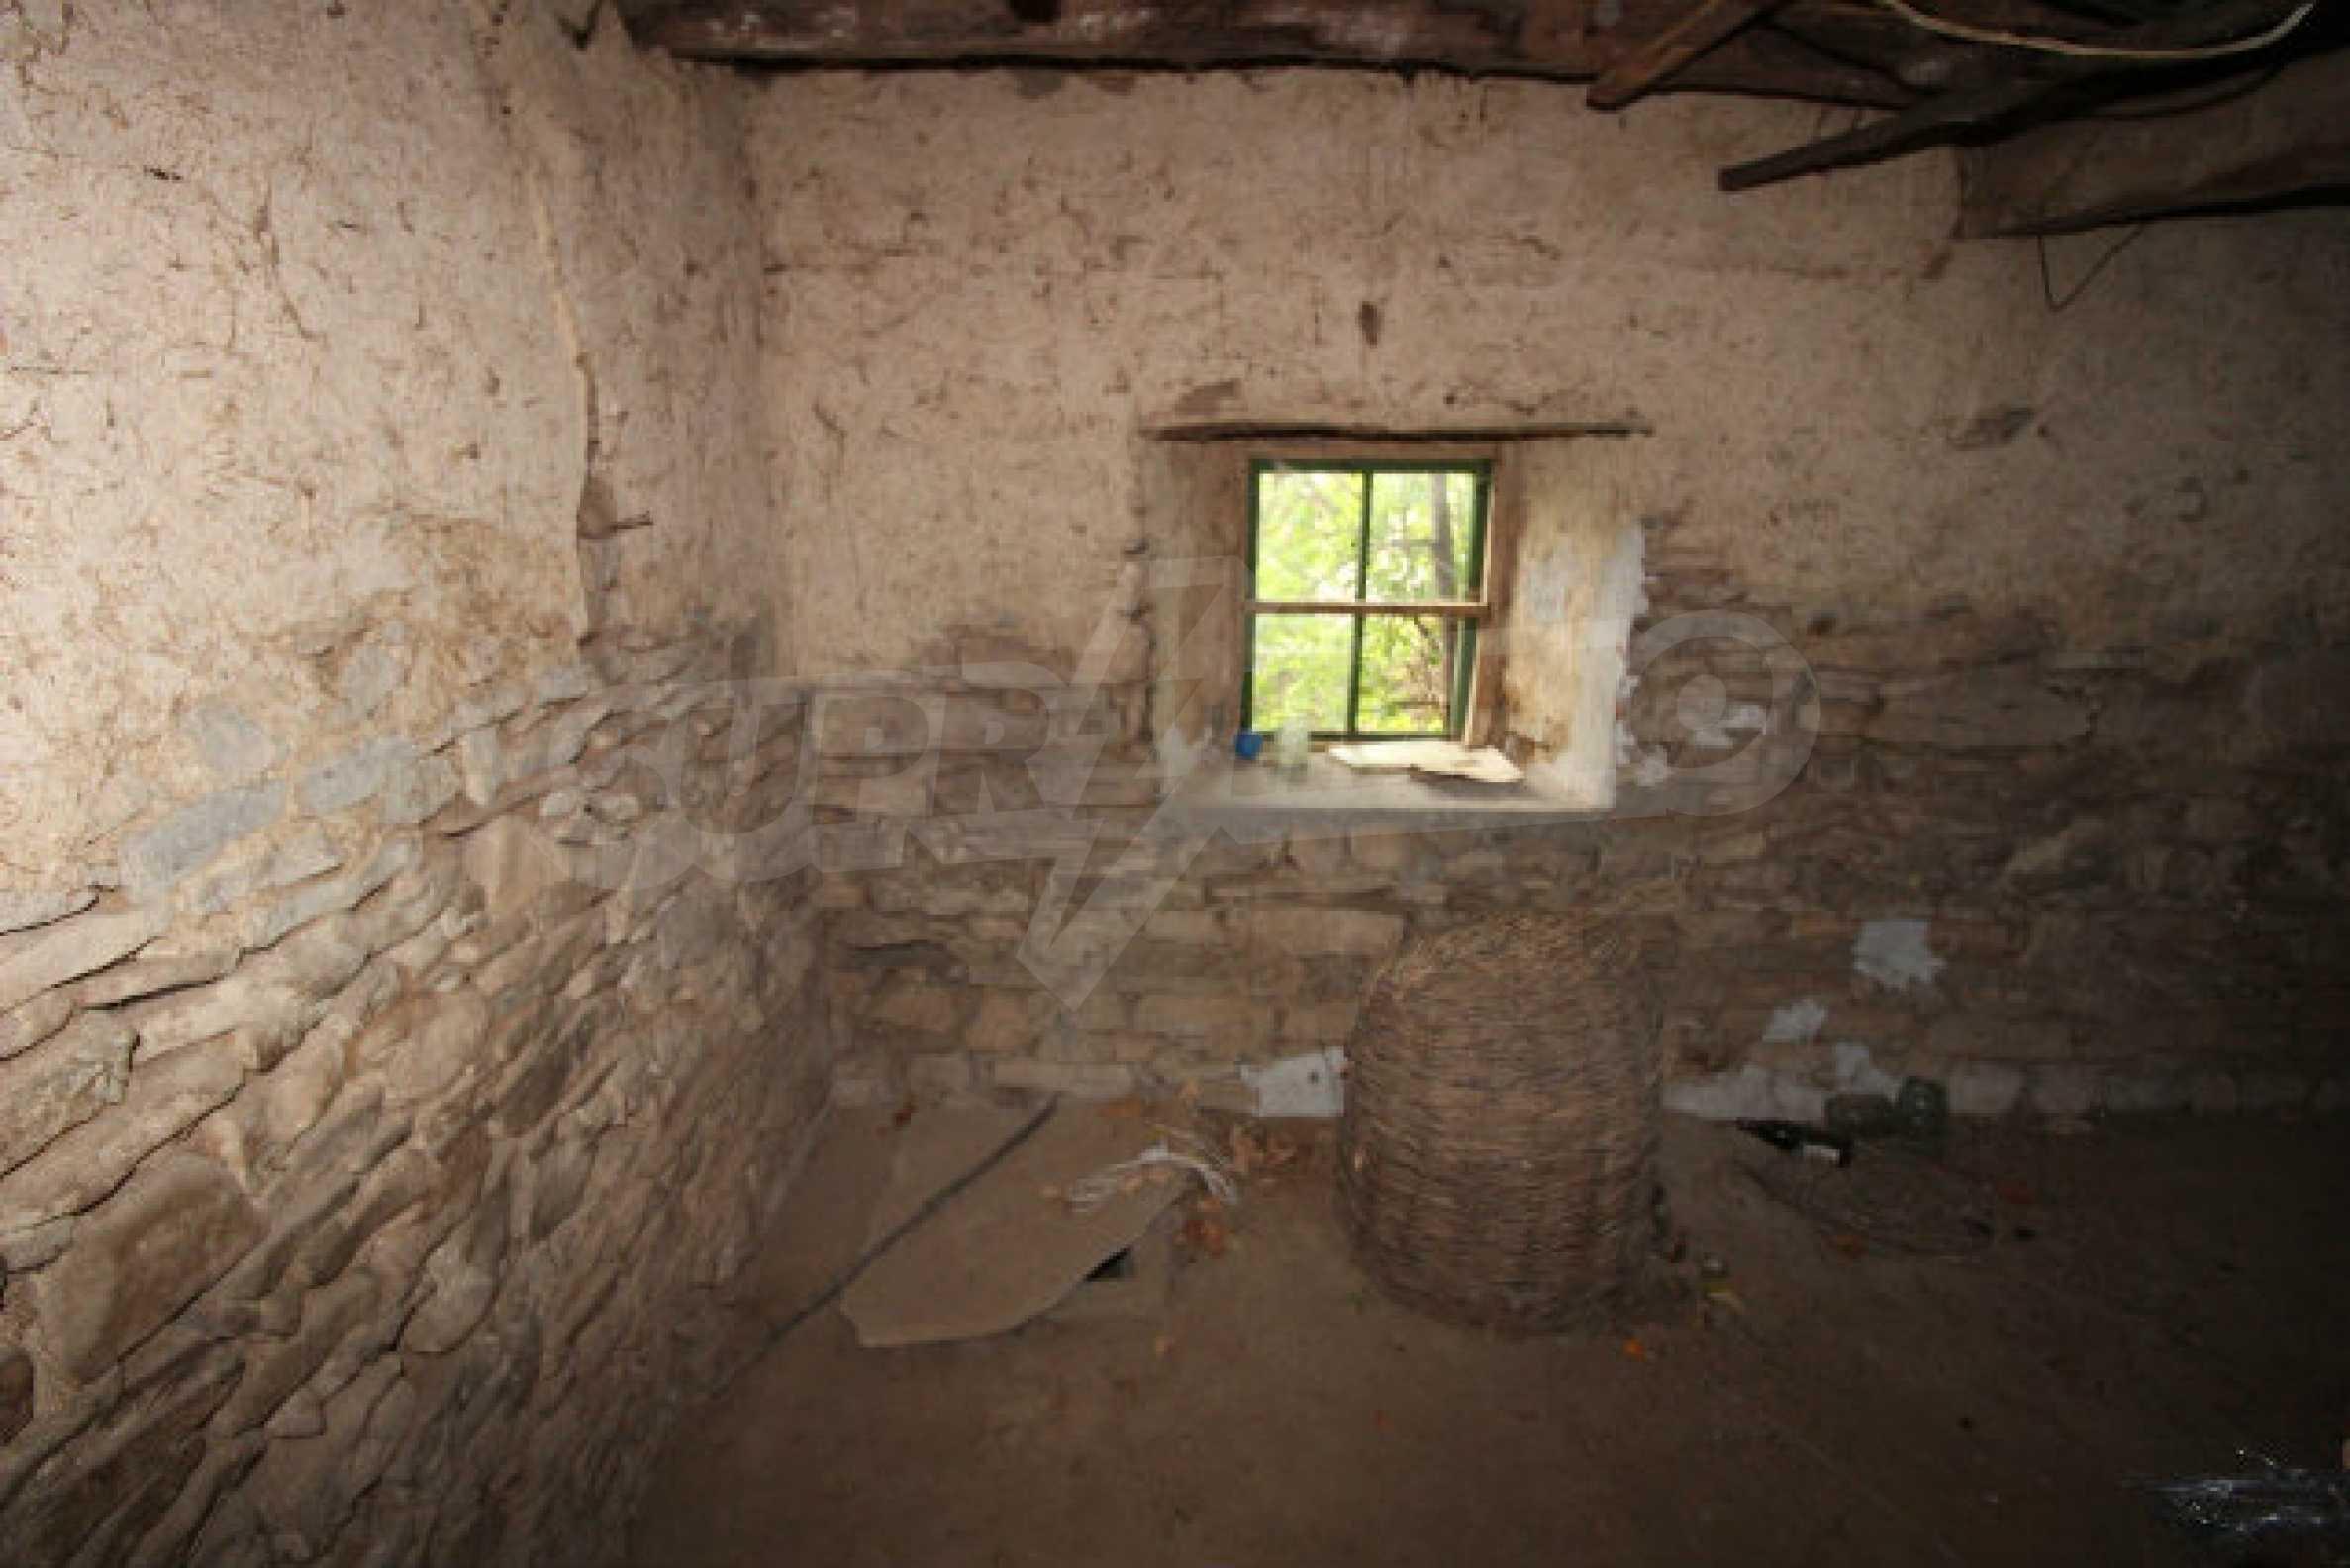 Къща за продажба близо до гр. Велико Търново 54